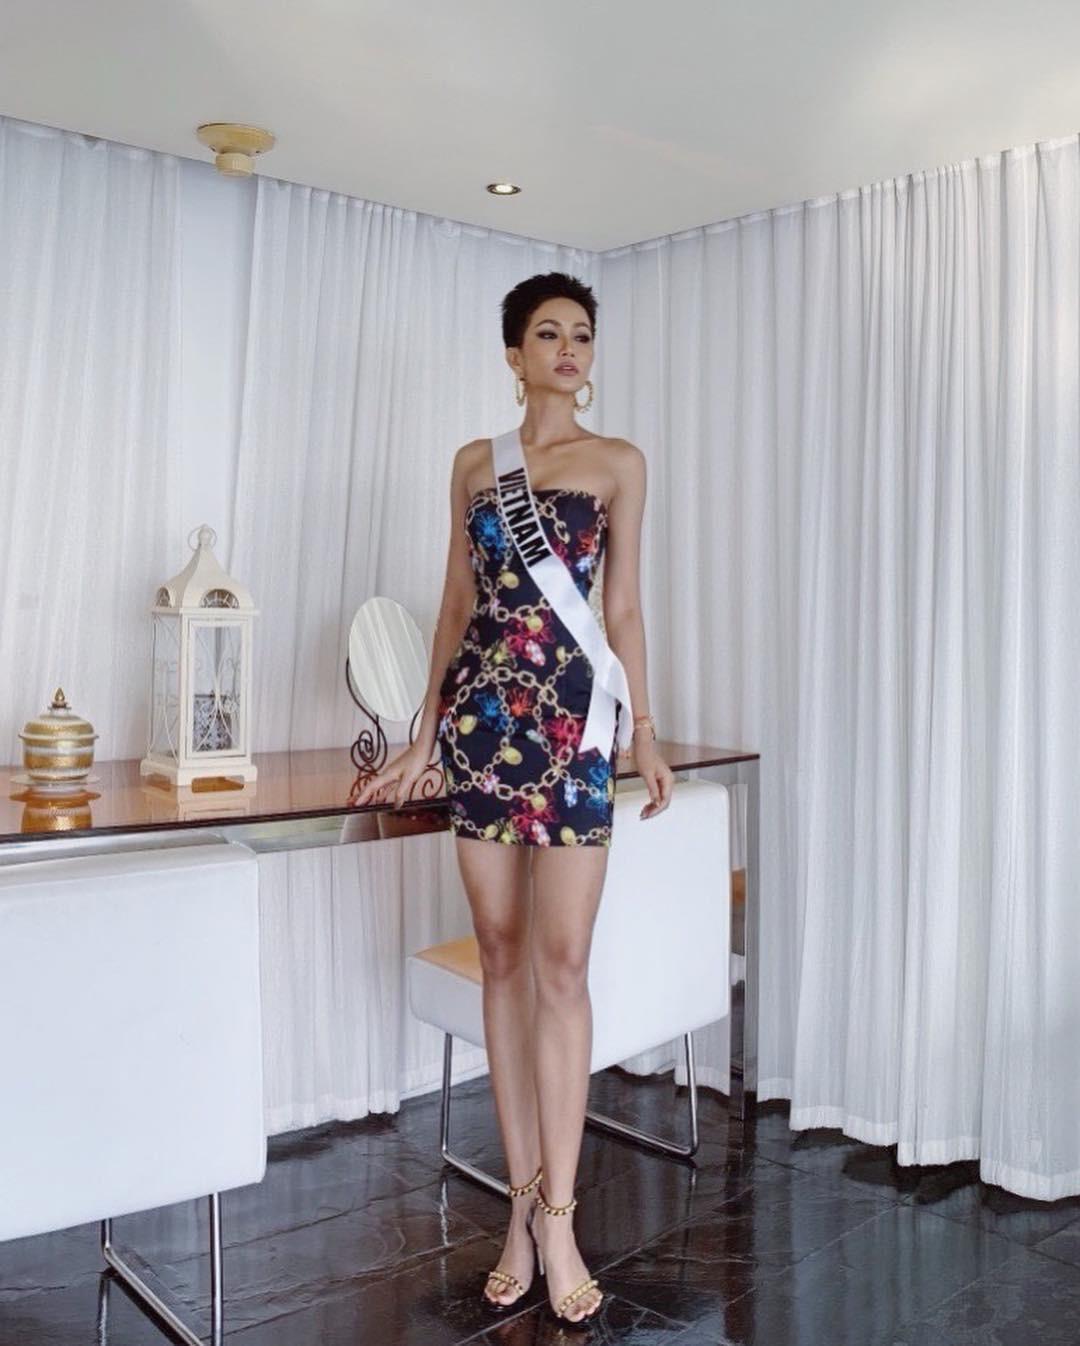 Hoa hậu HHen Niê một mình một chiến tuyến với kiểu đầm lấp lánh hết phần thiên hạ - Ảnh 4.